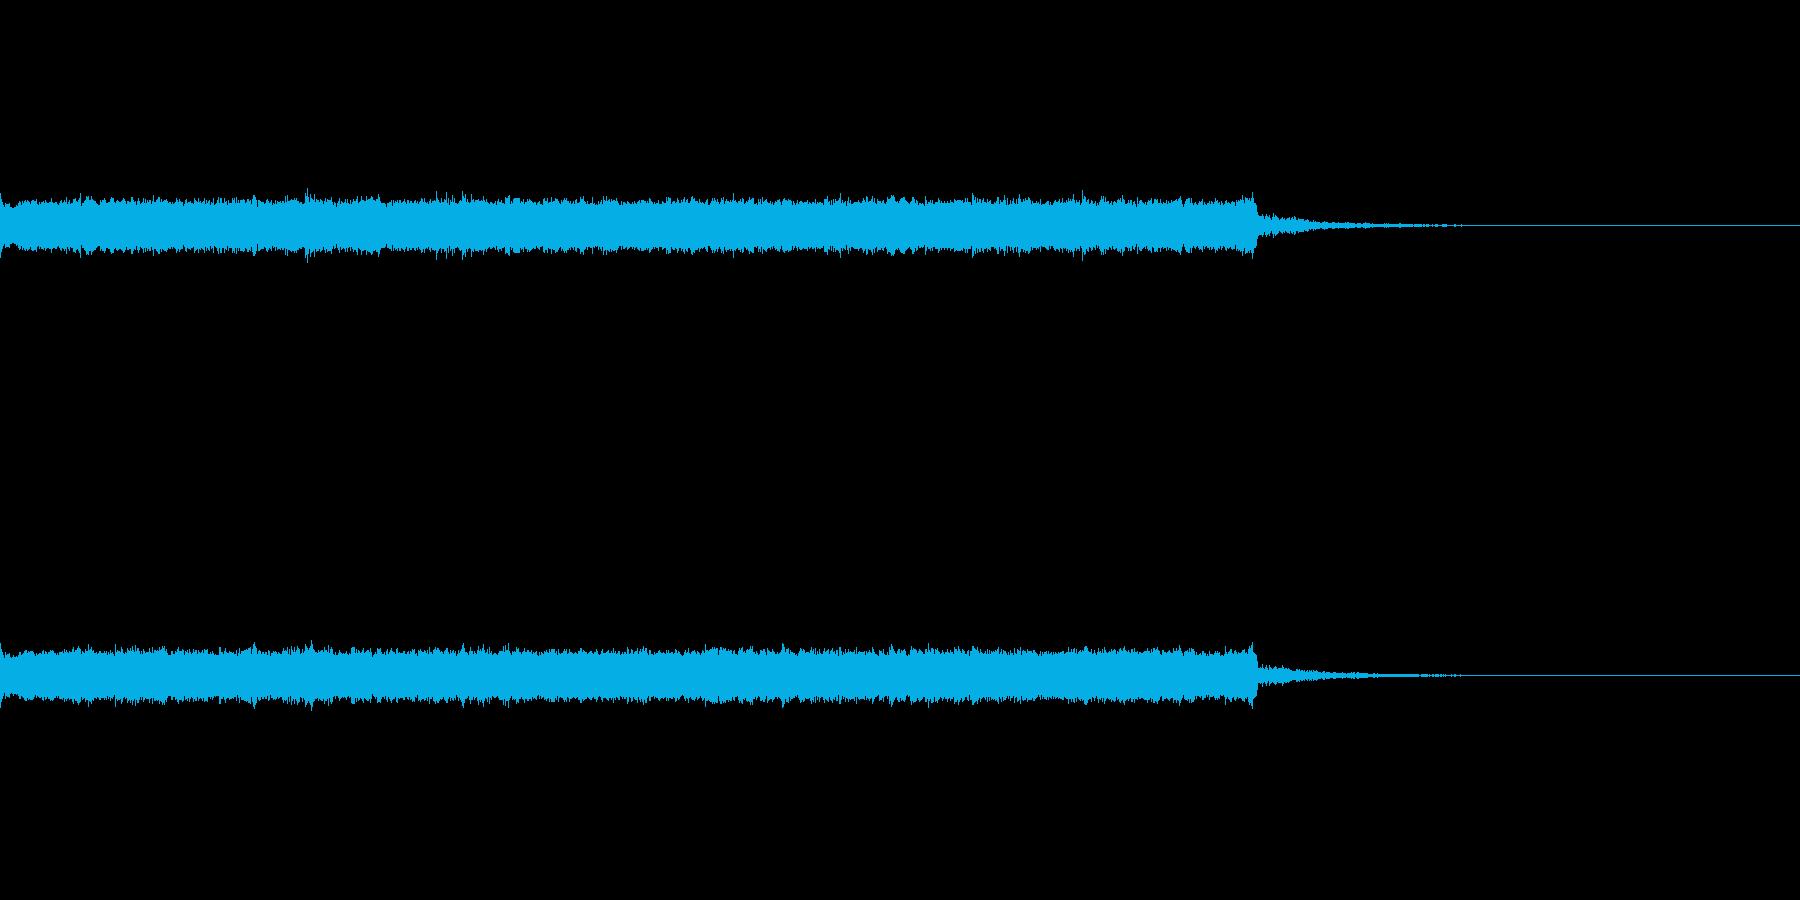 ピロピロピコピコ音の再生済みの波形